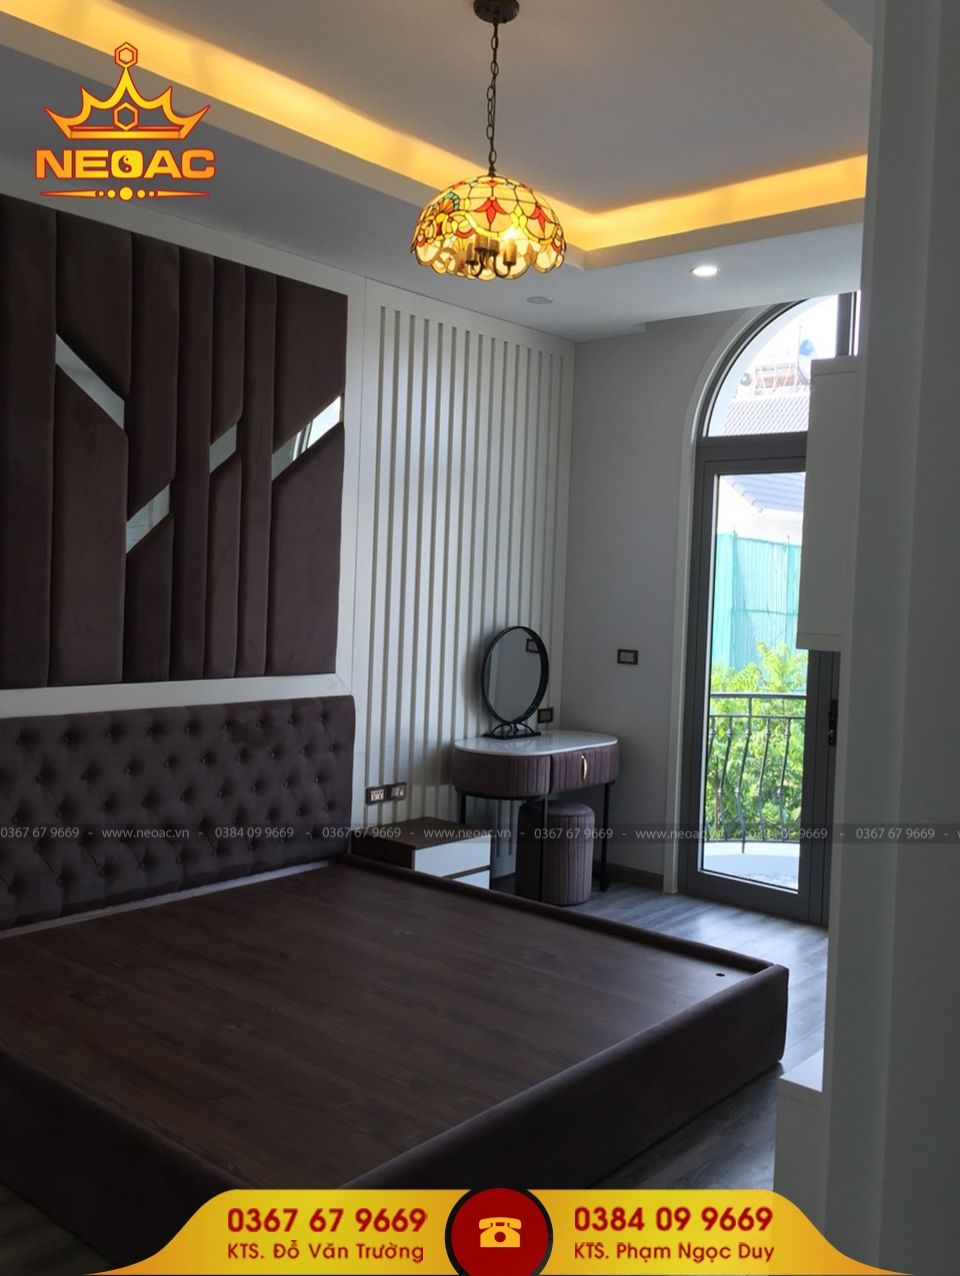 Mẫu nội thất nhà phố 5 tầng tại Thanh Xuân, Hà Nội